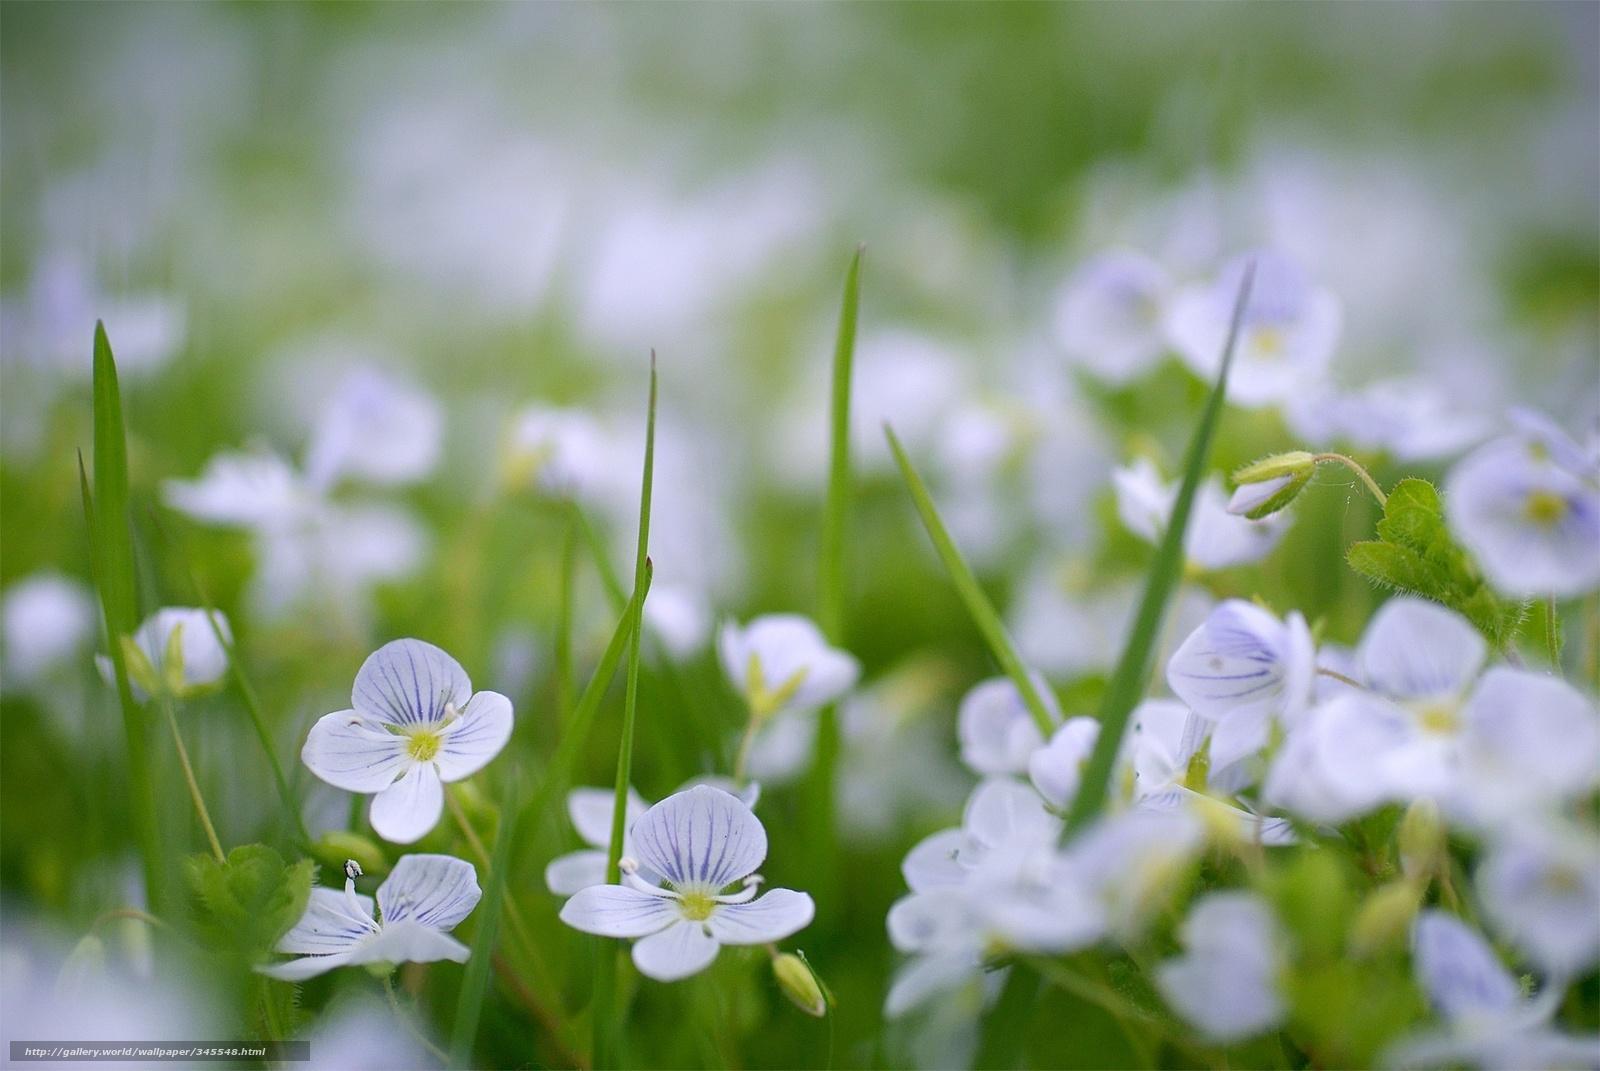 Wiosna, Przyroda, Natura, Kwiaty, Ogród - Tapety na Pulpit